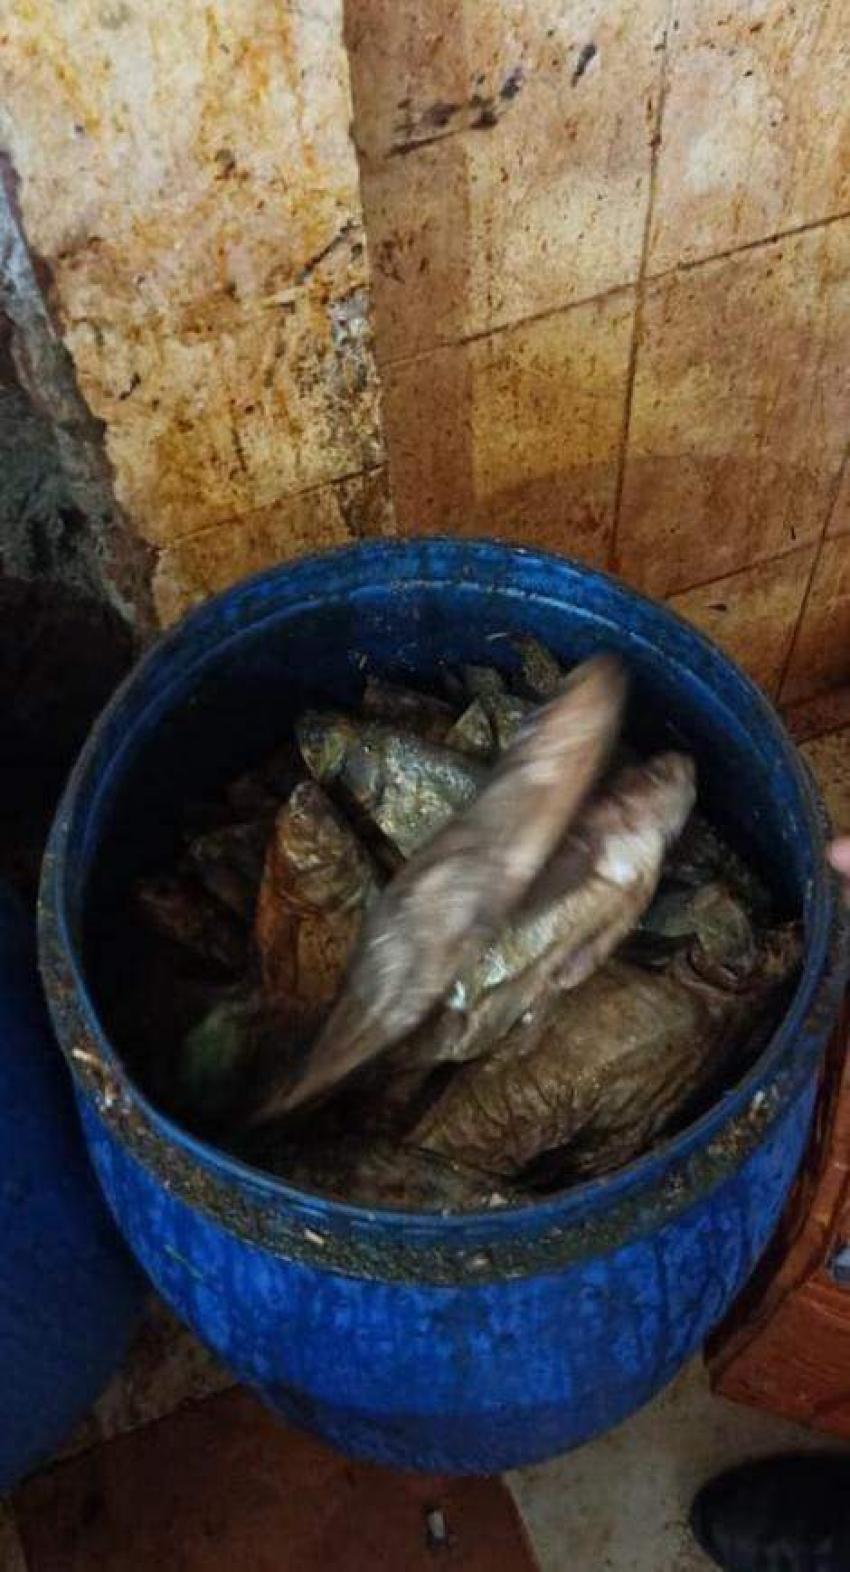 الصحة: ضبط وإعدام 6 أطنان أغذية متنوعة وأسماك مملحة ومدخنة